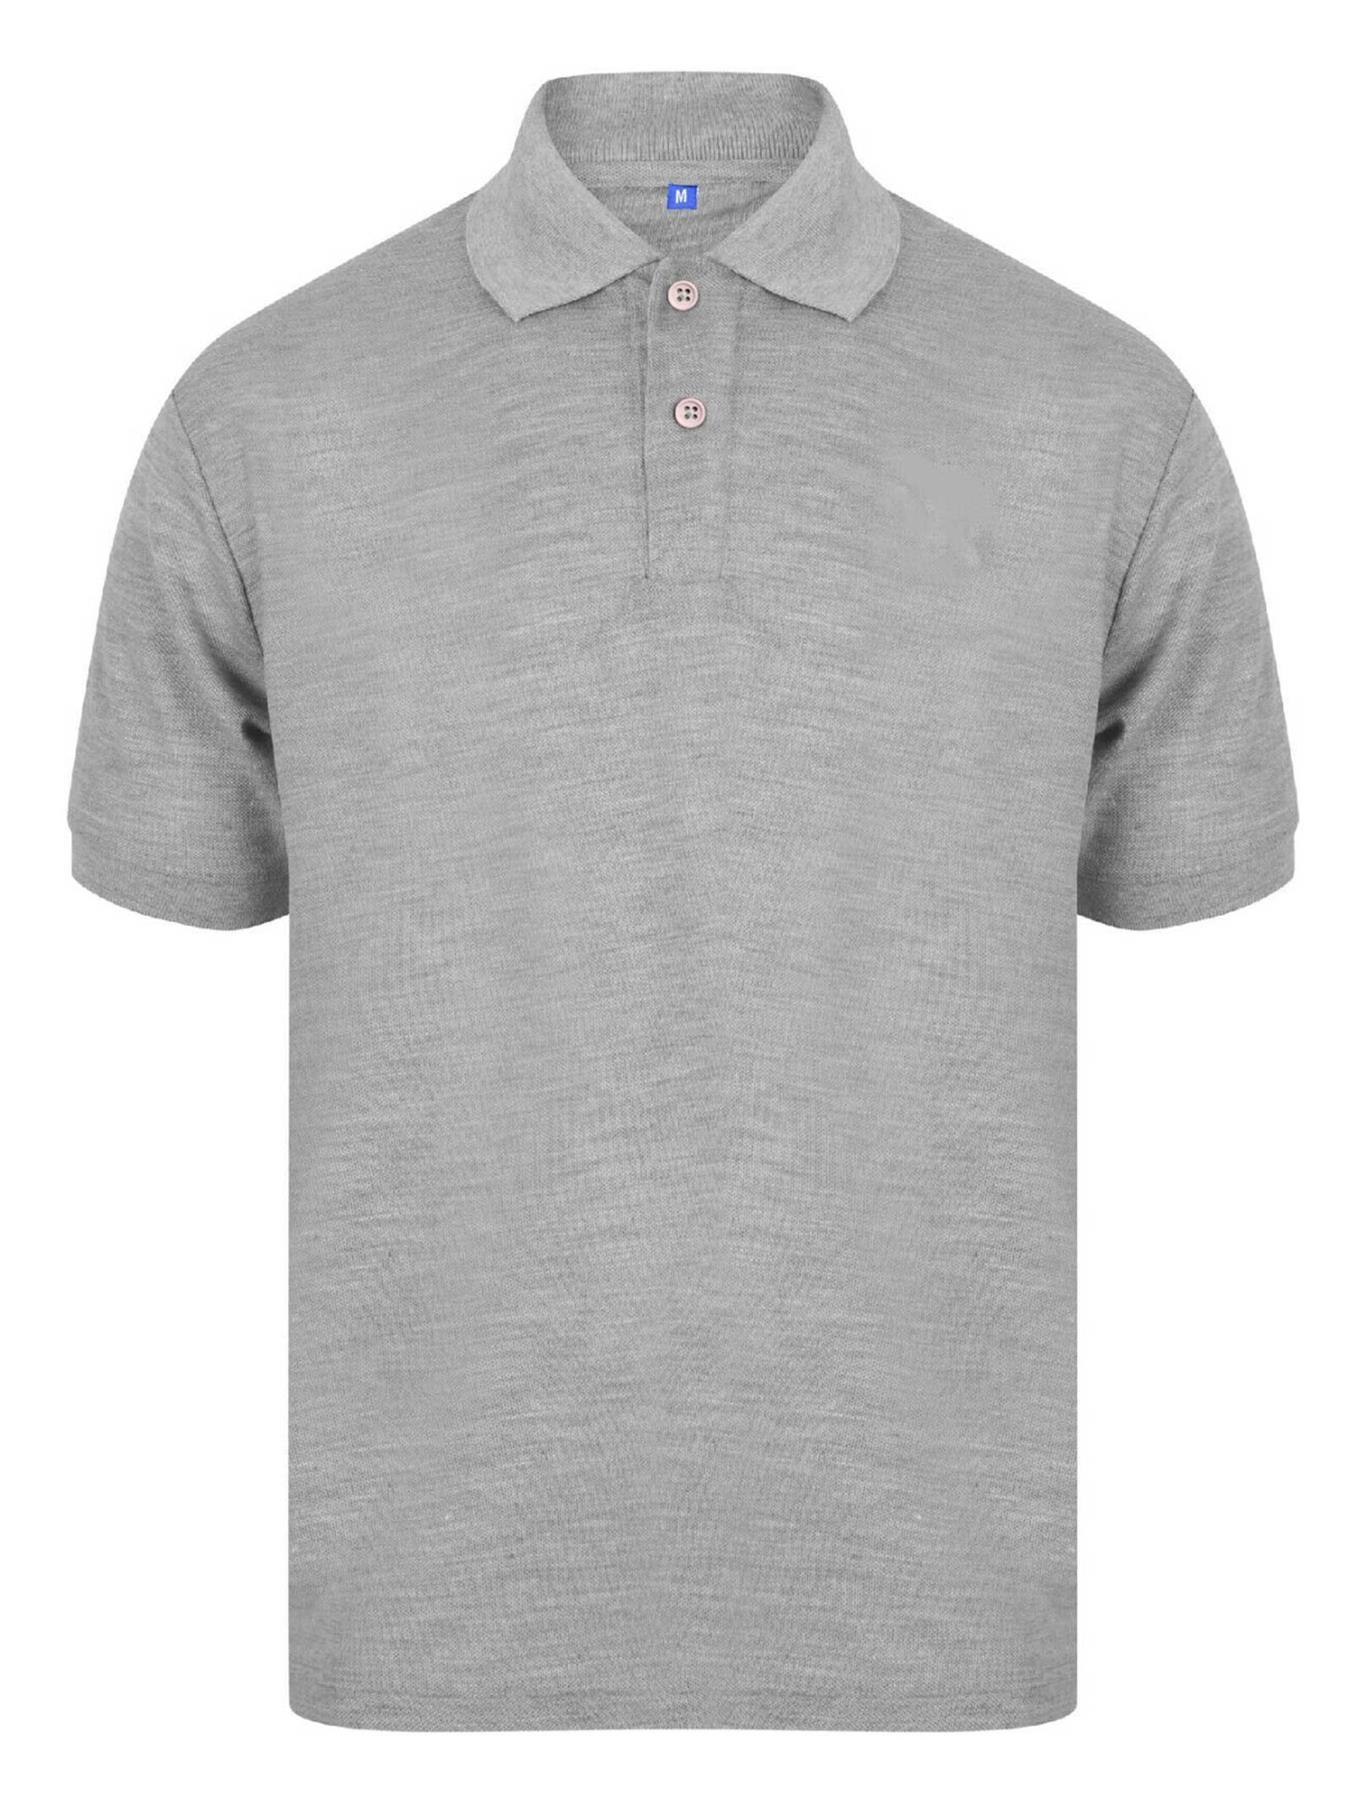 Indexbild 25 - Herren Polohemd Freizeit T-Shirts Neu Schlicht Kurzärmeliges Regular Fit